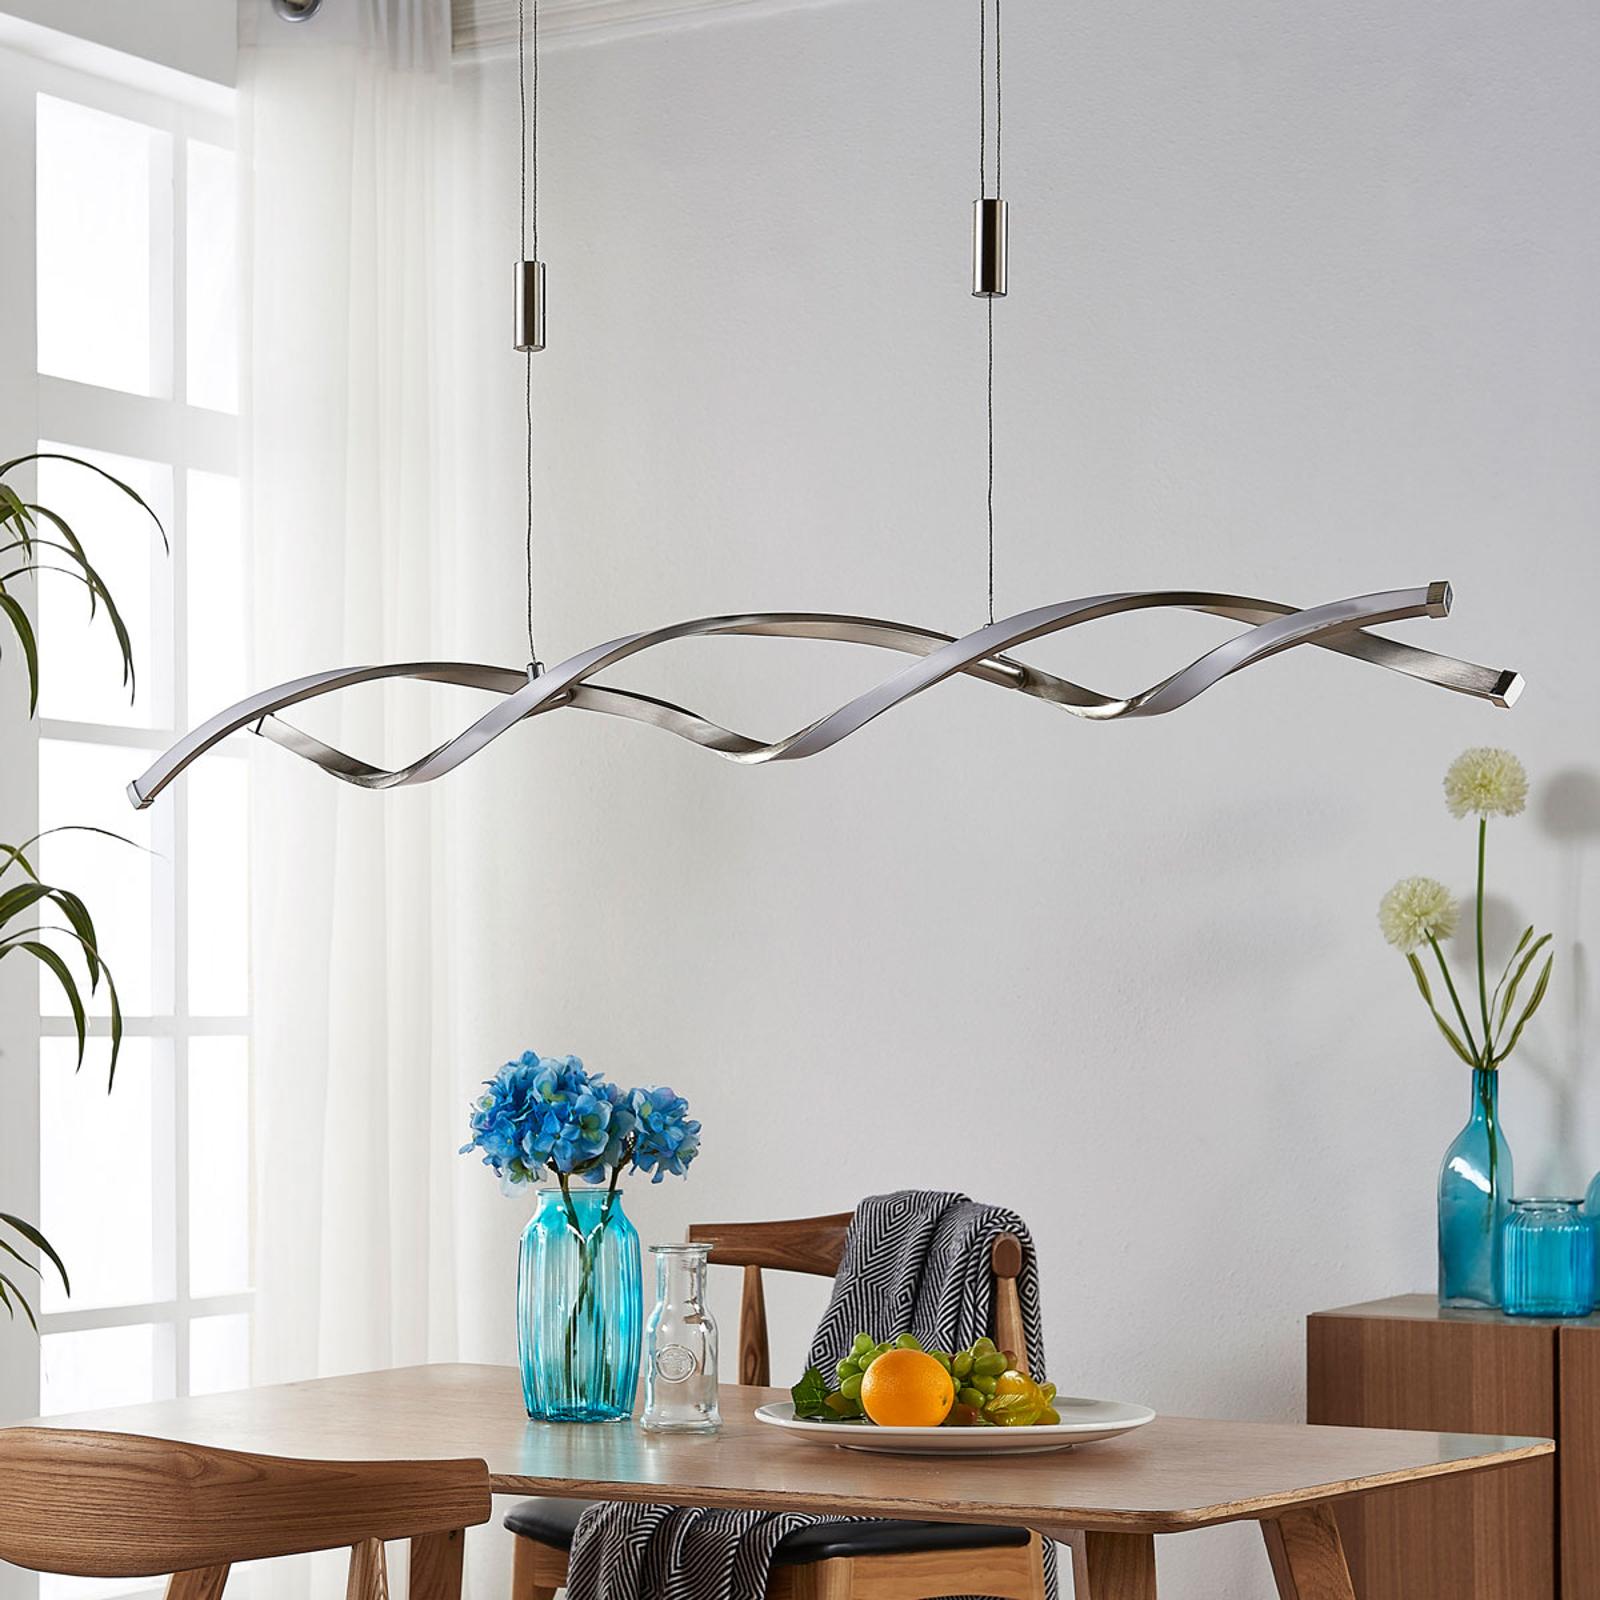 Výškově nastavitelná závěsná LED lampa Auron